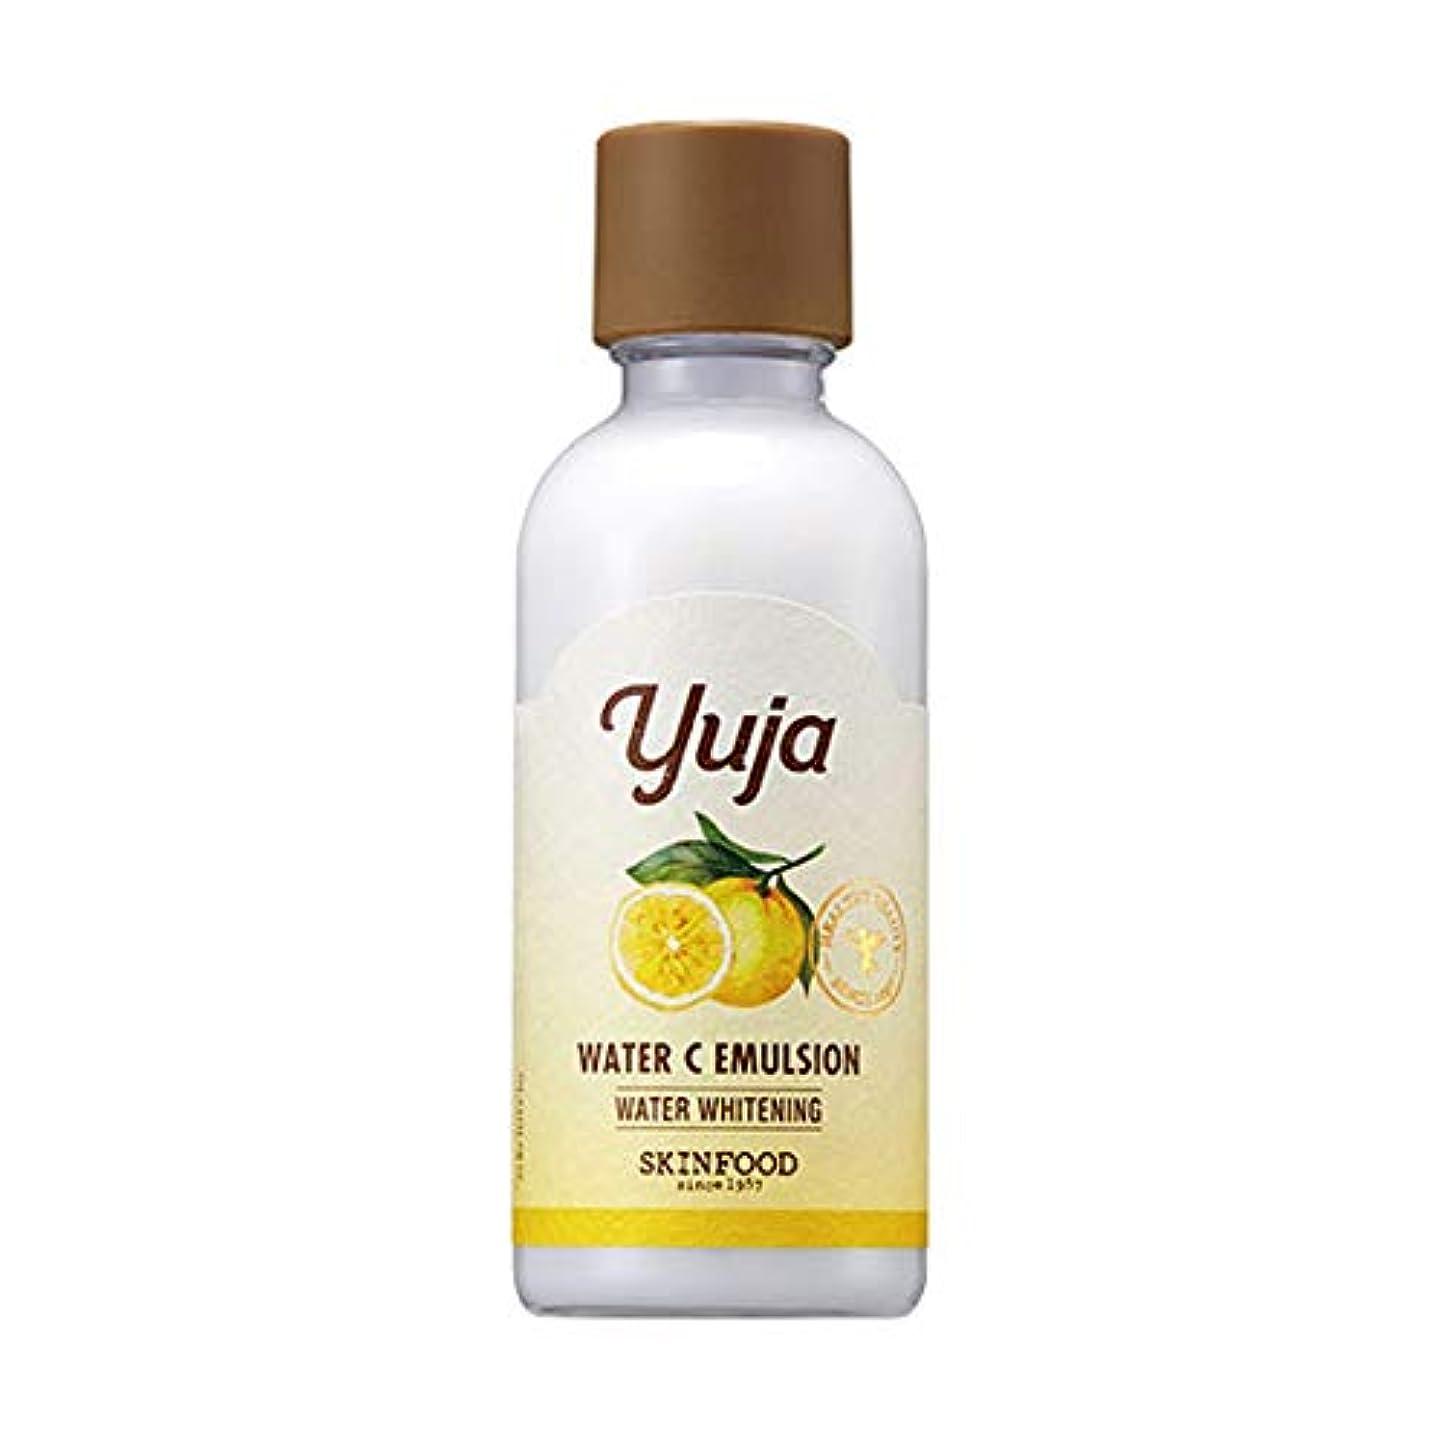 不透明な生まれ価値のないSkinfood Yuja Water Cエマルジョン/Yuja Water C Emulsion 160ml [並行輸入品]